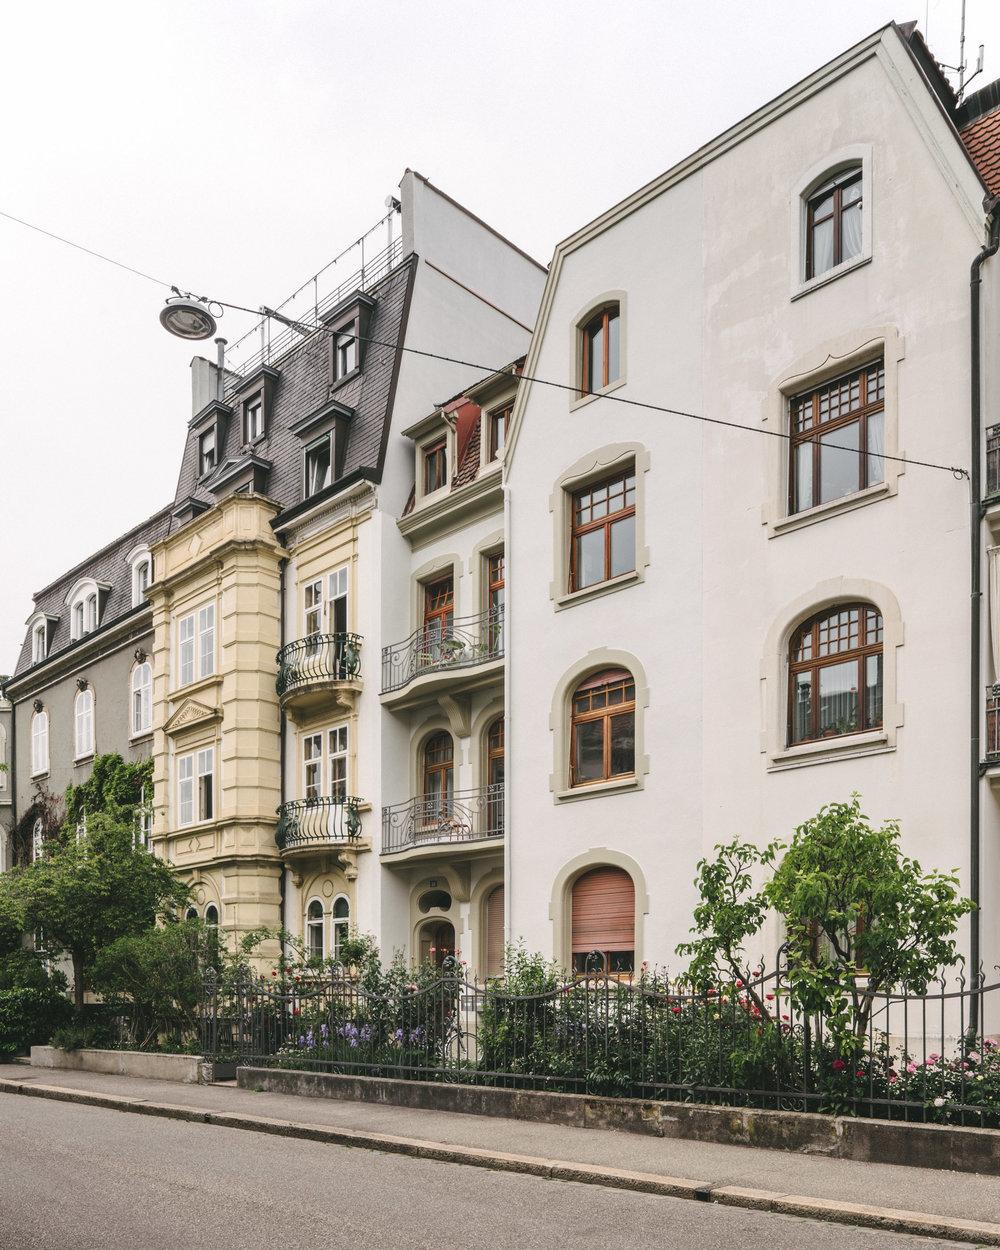 Aussensanierung MFH Basel Seitenansicht, Consilium Architektur und Baumanagement